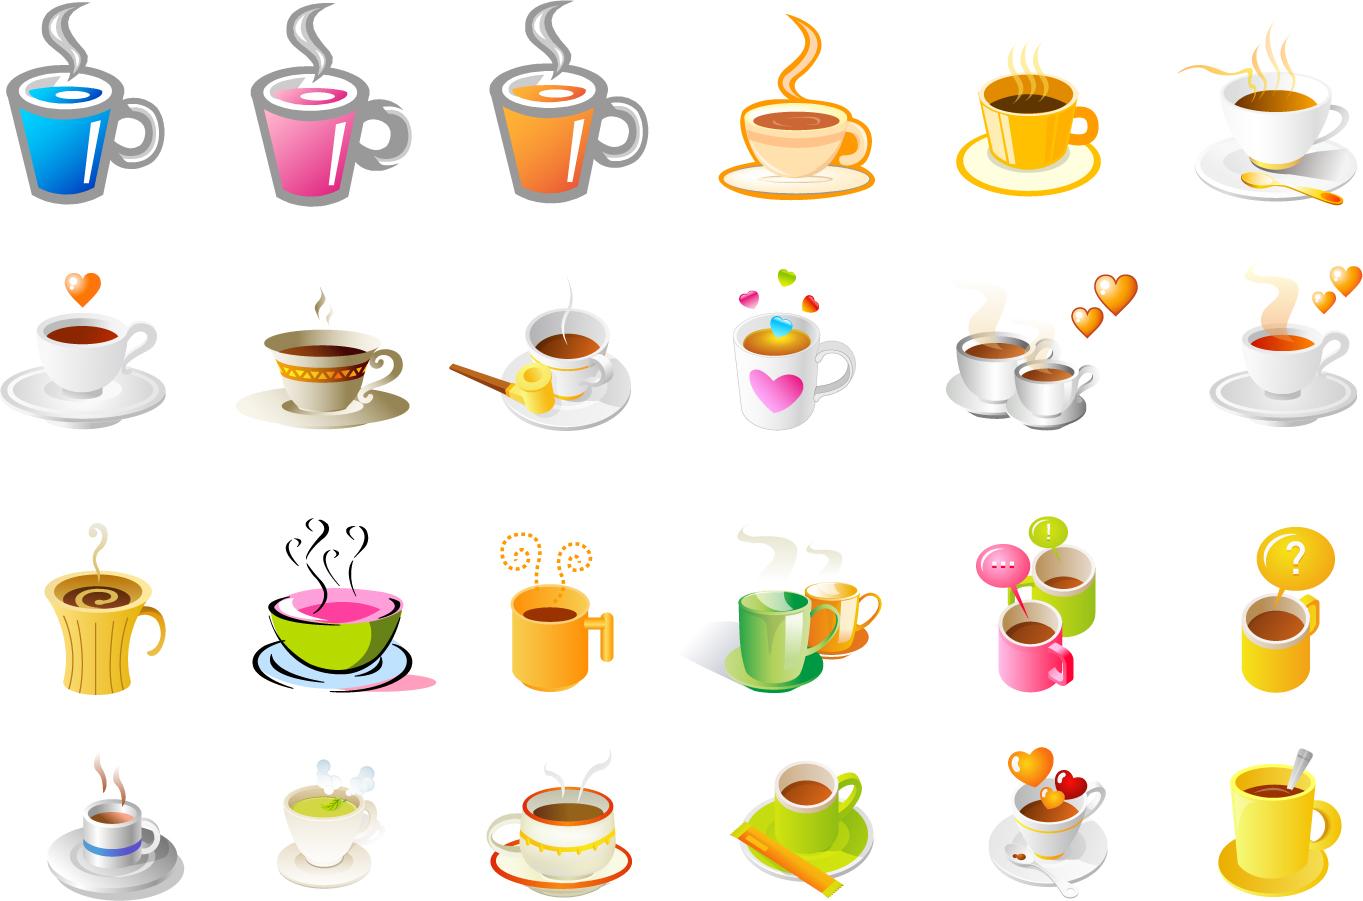 湯気が立ち昇る珈琲カップのアイコン steaming coffee cup set of vector icons イラスト素材